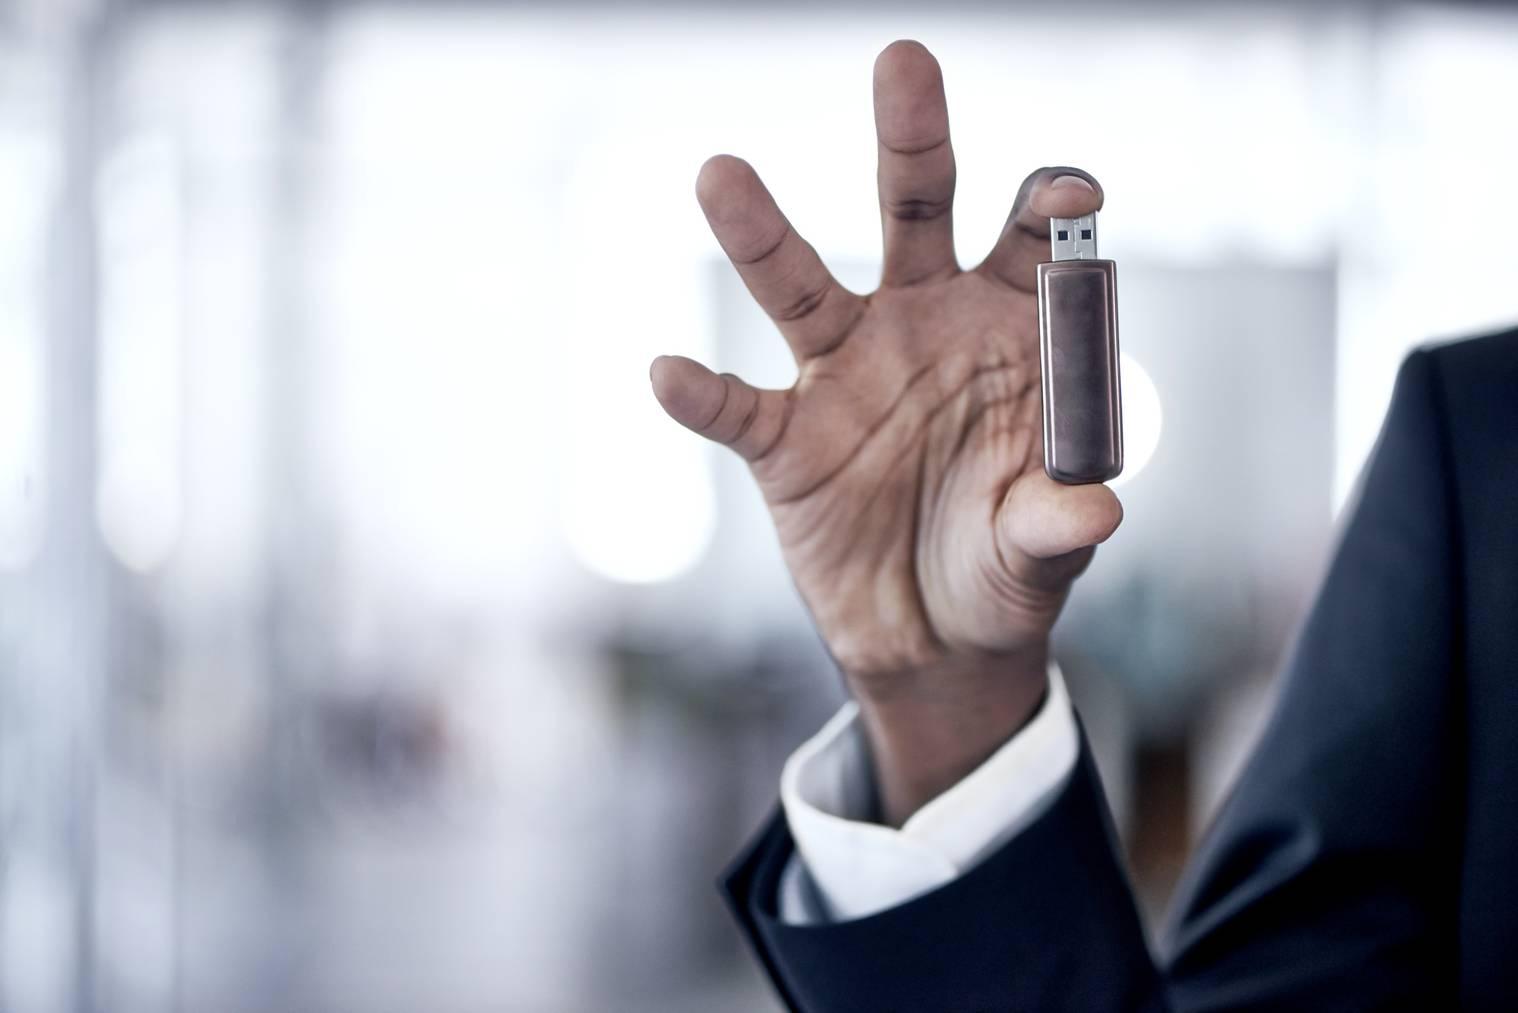 Dov Moran aus Israel hat den USB Stick erfunden. (Bild: iStock)